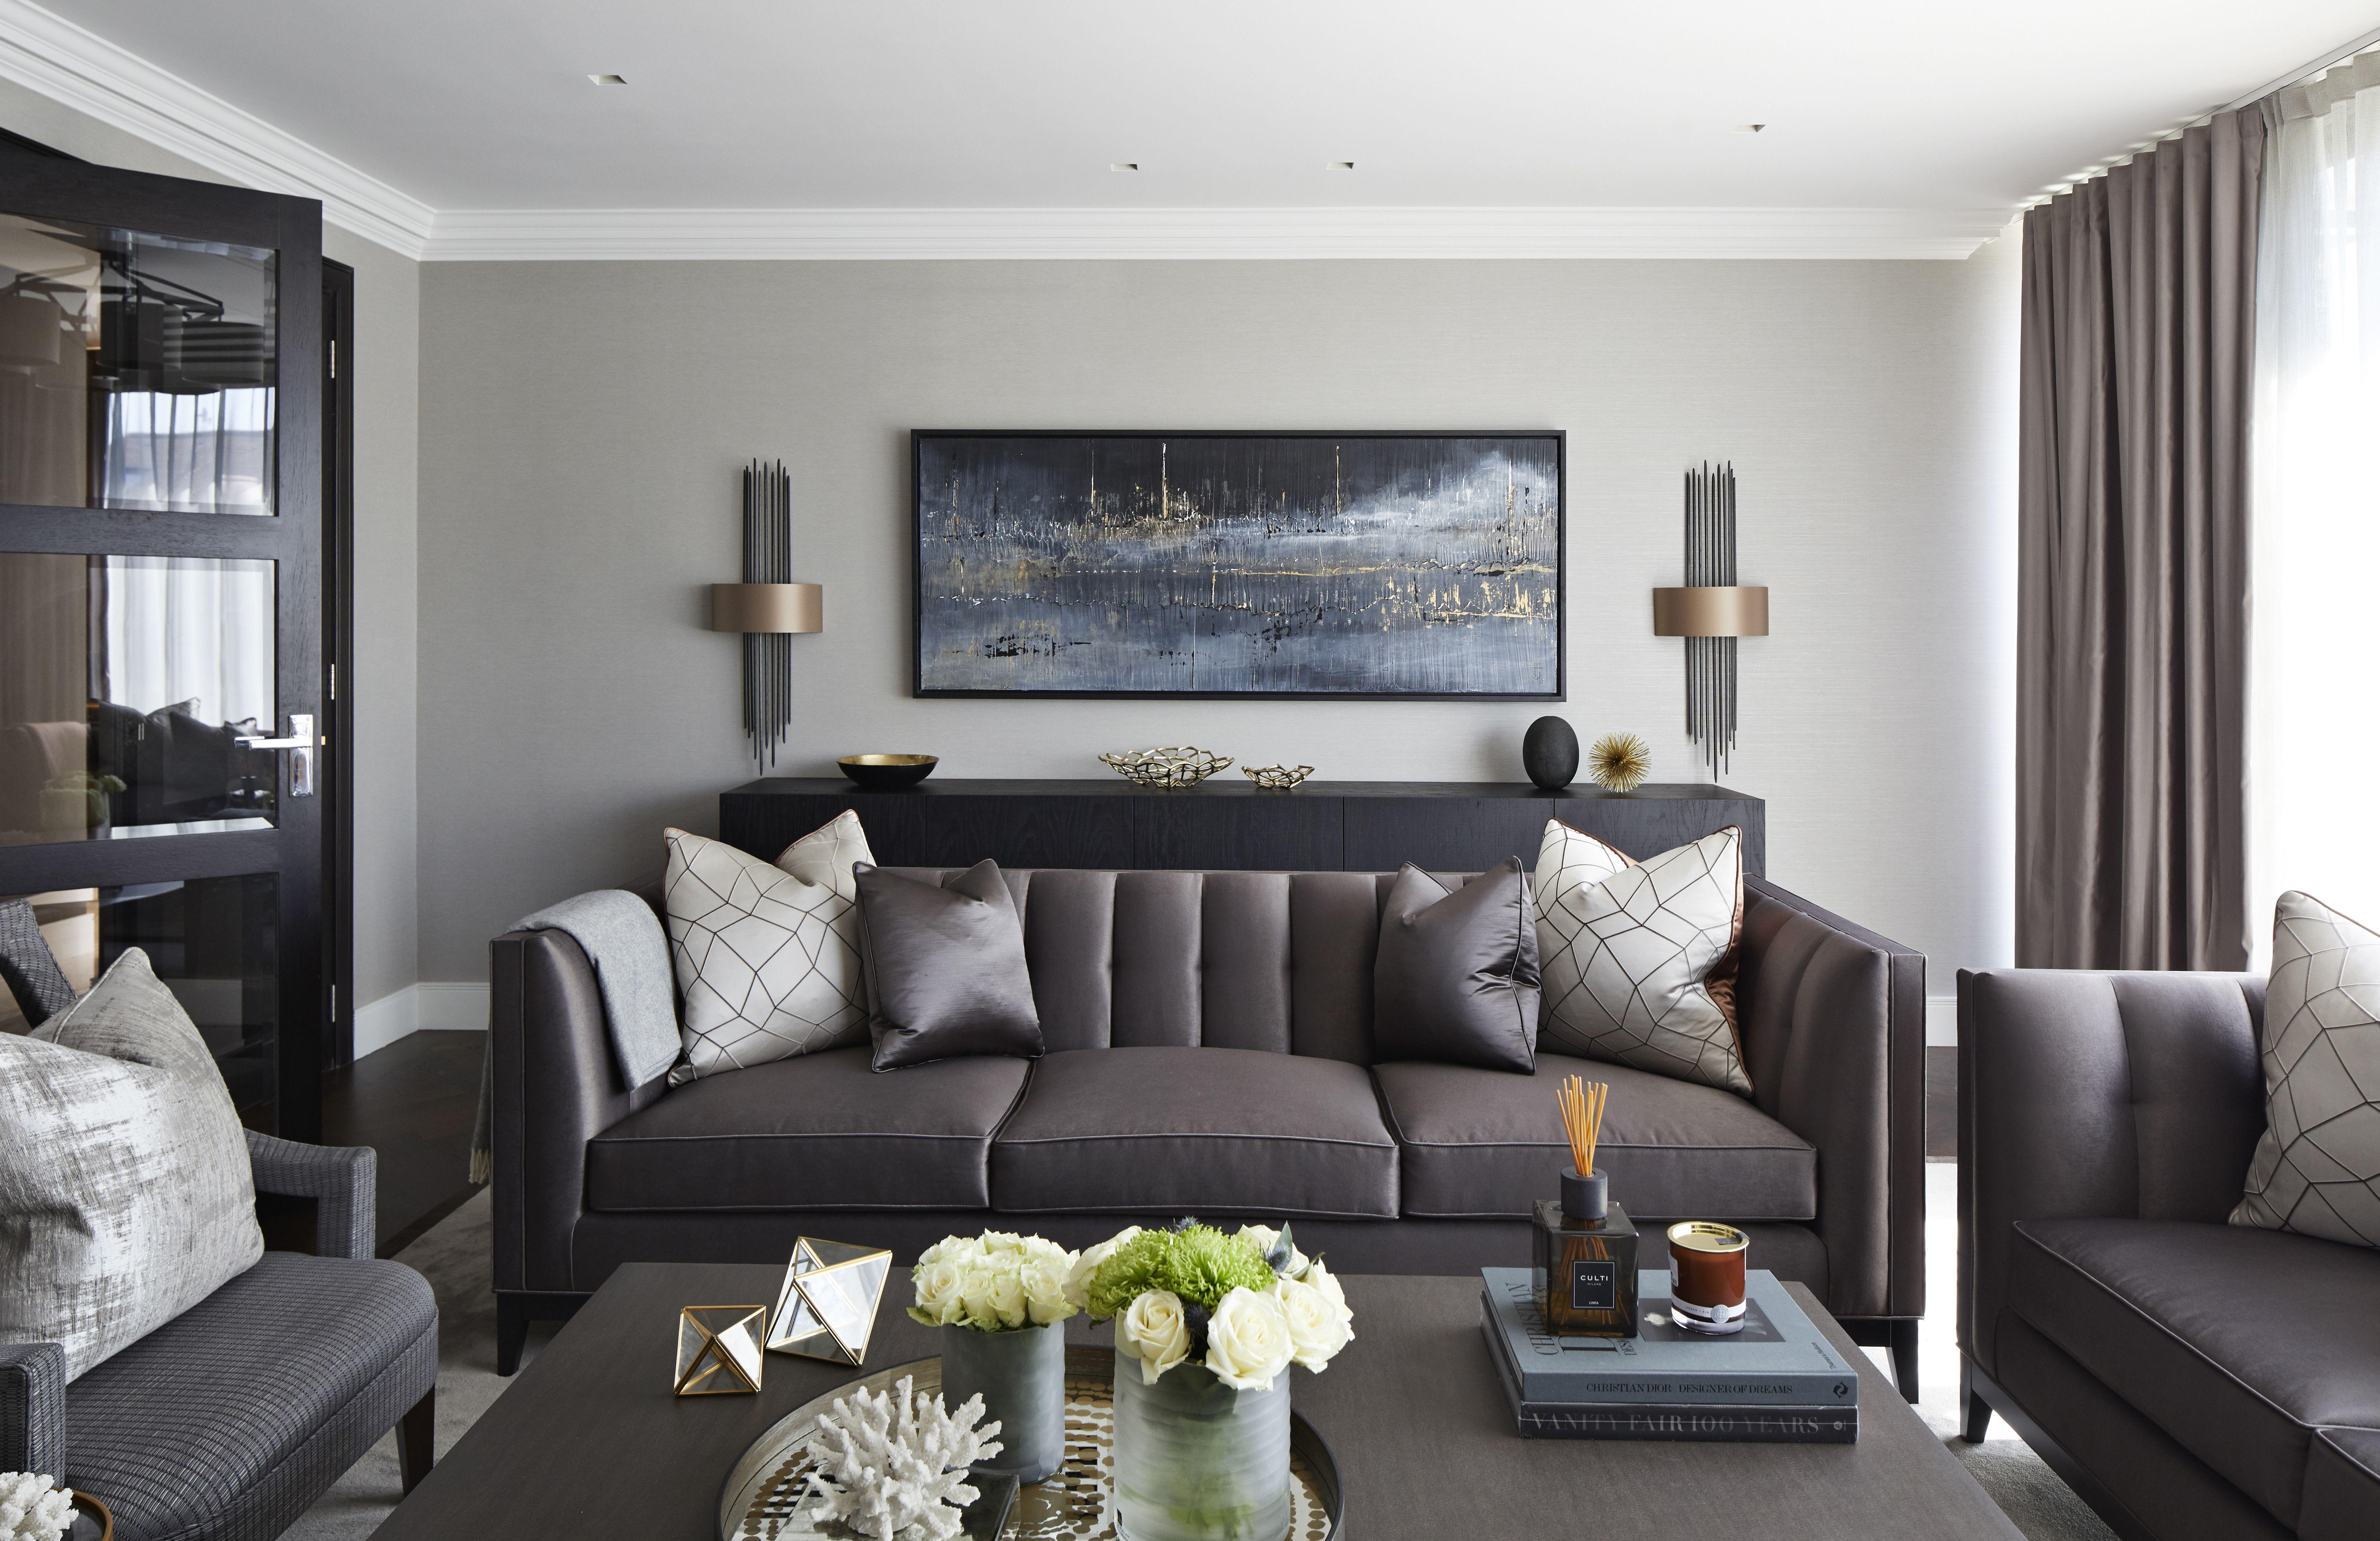 Bridge Lane Interior Design Interior Design London Living Room